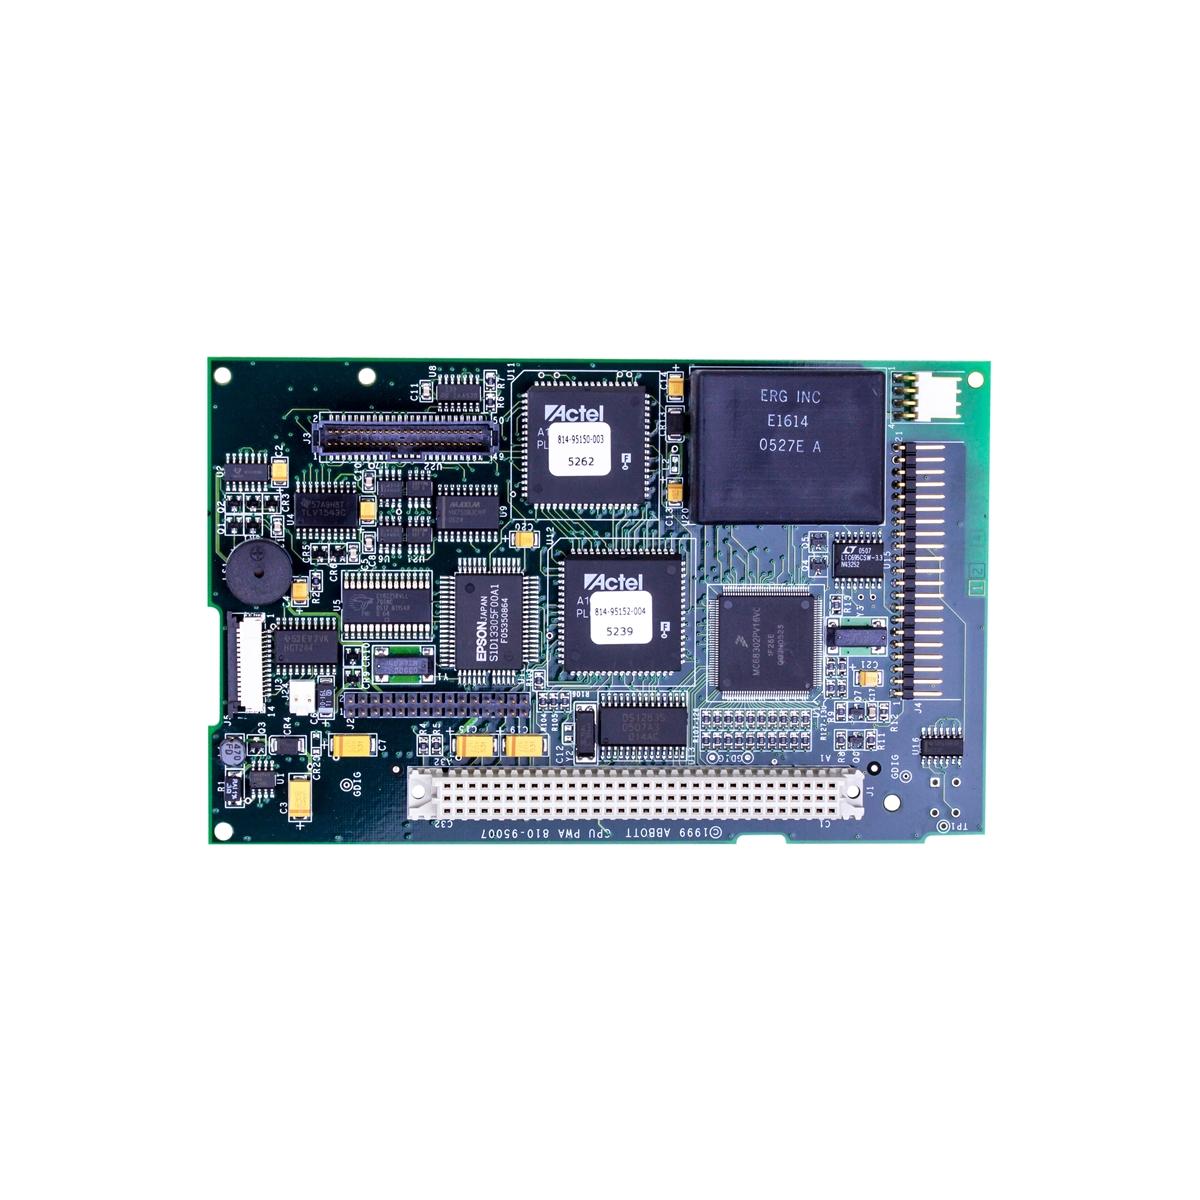 Abbott Plum A+ 3 Infusion Pump CPU Main Board PWA